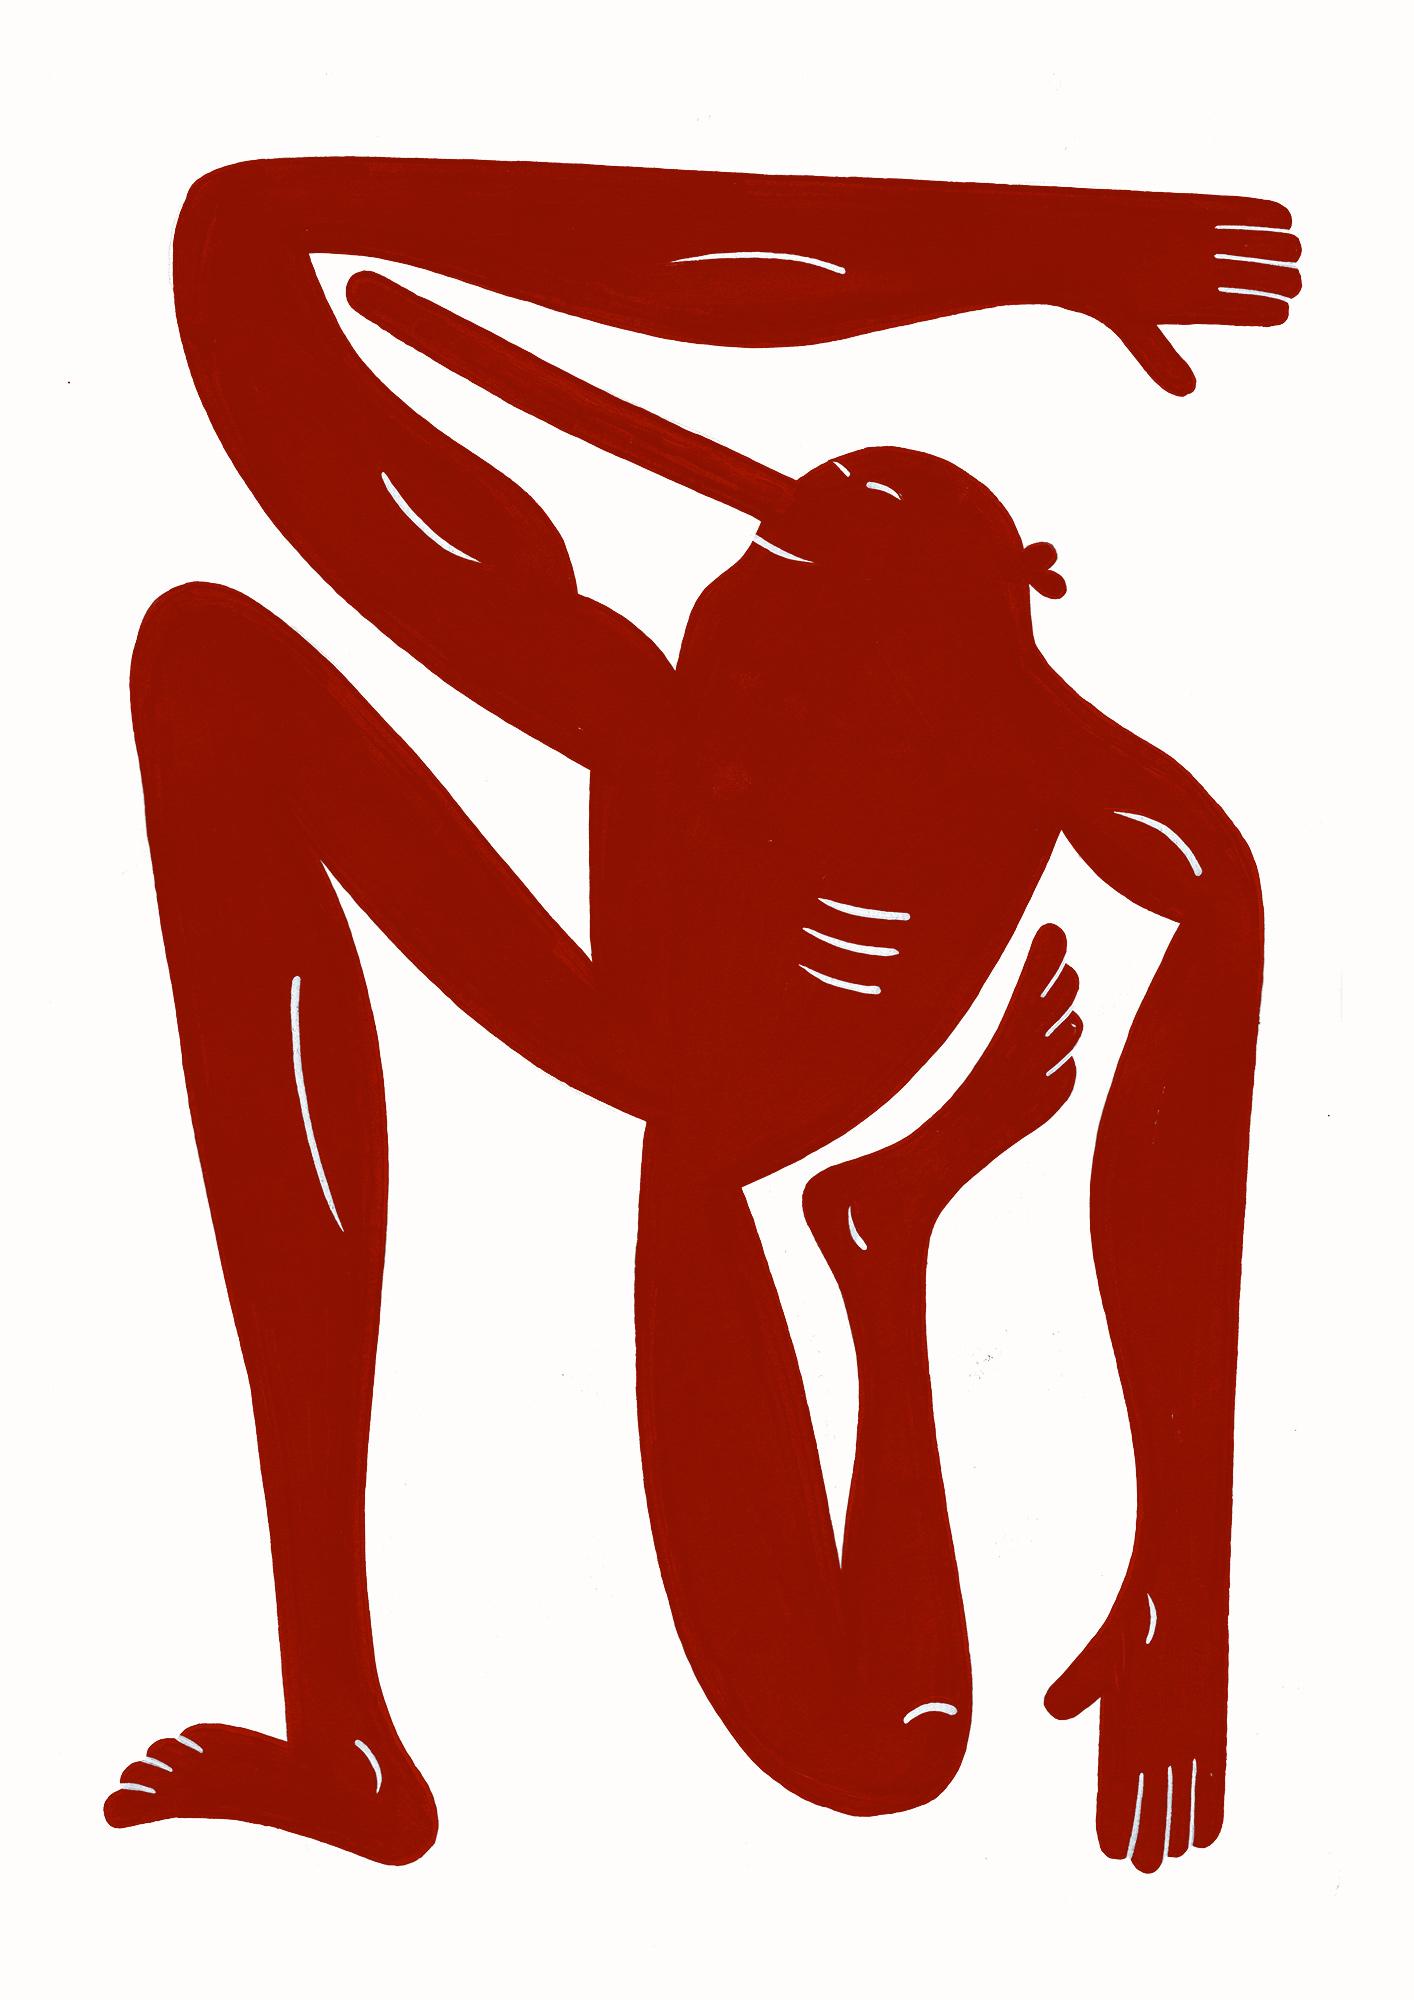 kunsttryk, gicleé, børnevenlige, figurative, grafiske, illustrative, kroppe, tegneserier, humor, bevægelse, sport, røde, blæk, papir, sjove, samtidskunst, københavn, dansk, dekorative, design, interiør, bolig-indretning, moderne, moderne-kunst, nordisk, pop-art, plakater, tryk, skandinavisk, Køb original kunst og kunstplakater. Malerier, tegninger, limited edition kunsttryk & plakater af dygtige kunstnere.